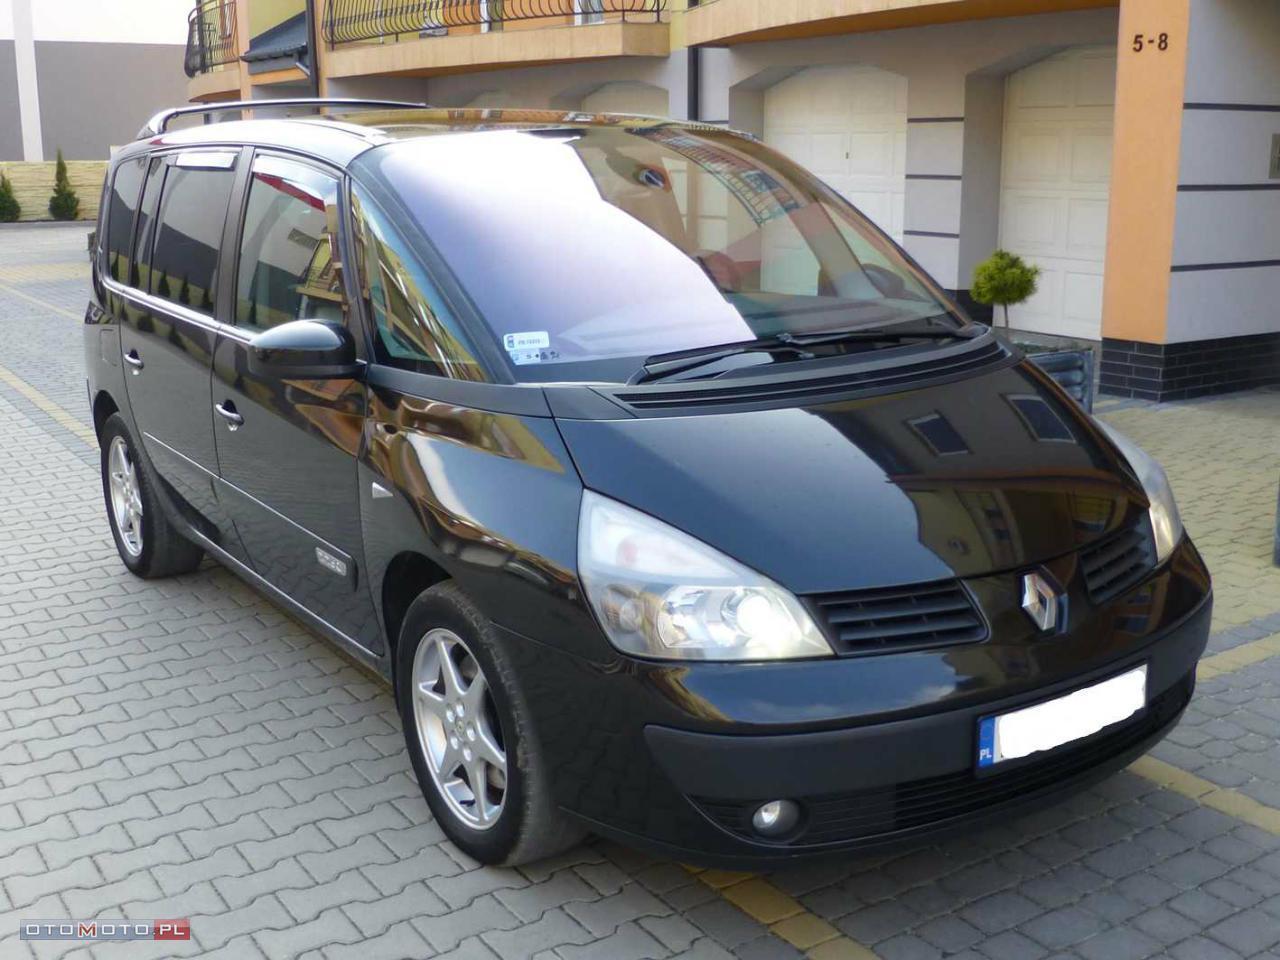 Renault Espace 7 MIEJSC,SKÓRY,NAVI,SOLAR DACH